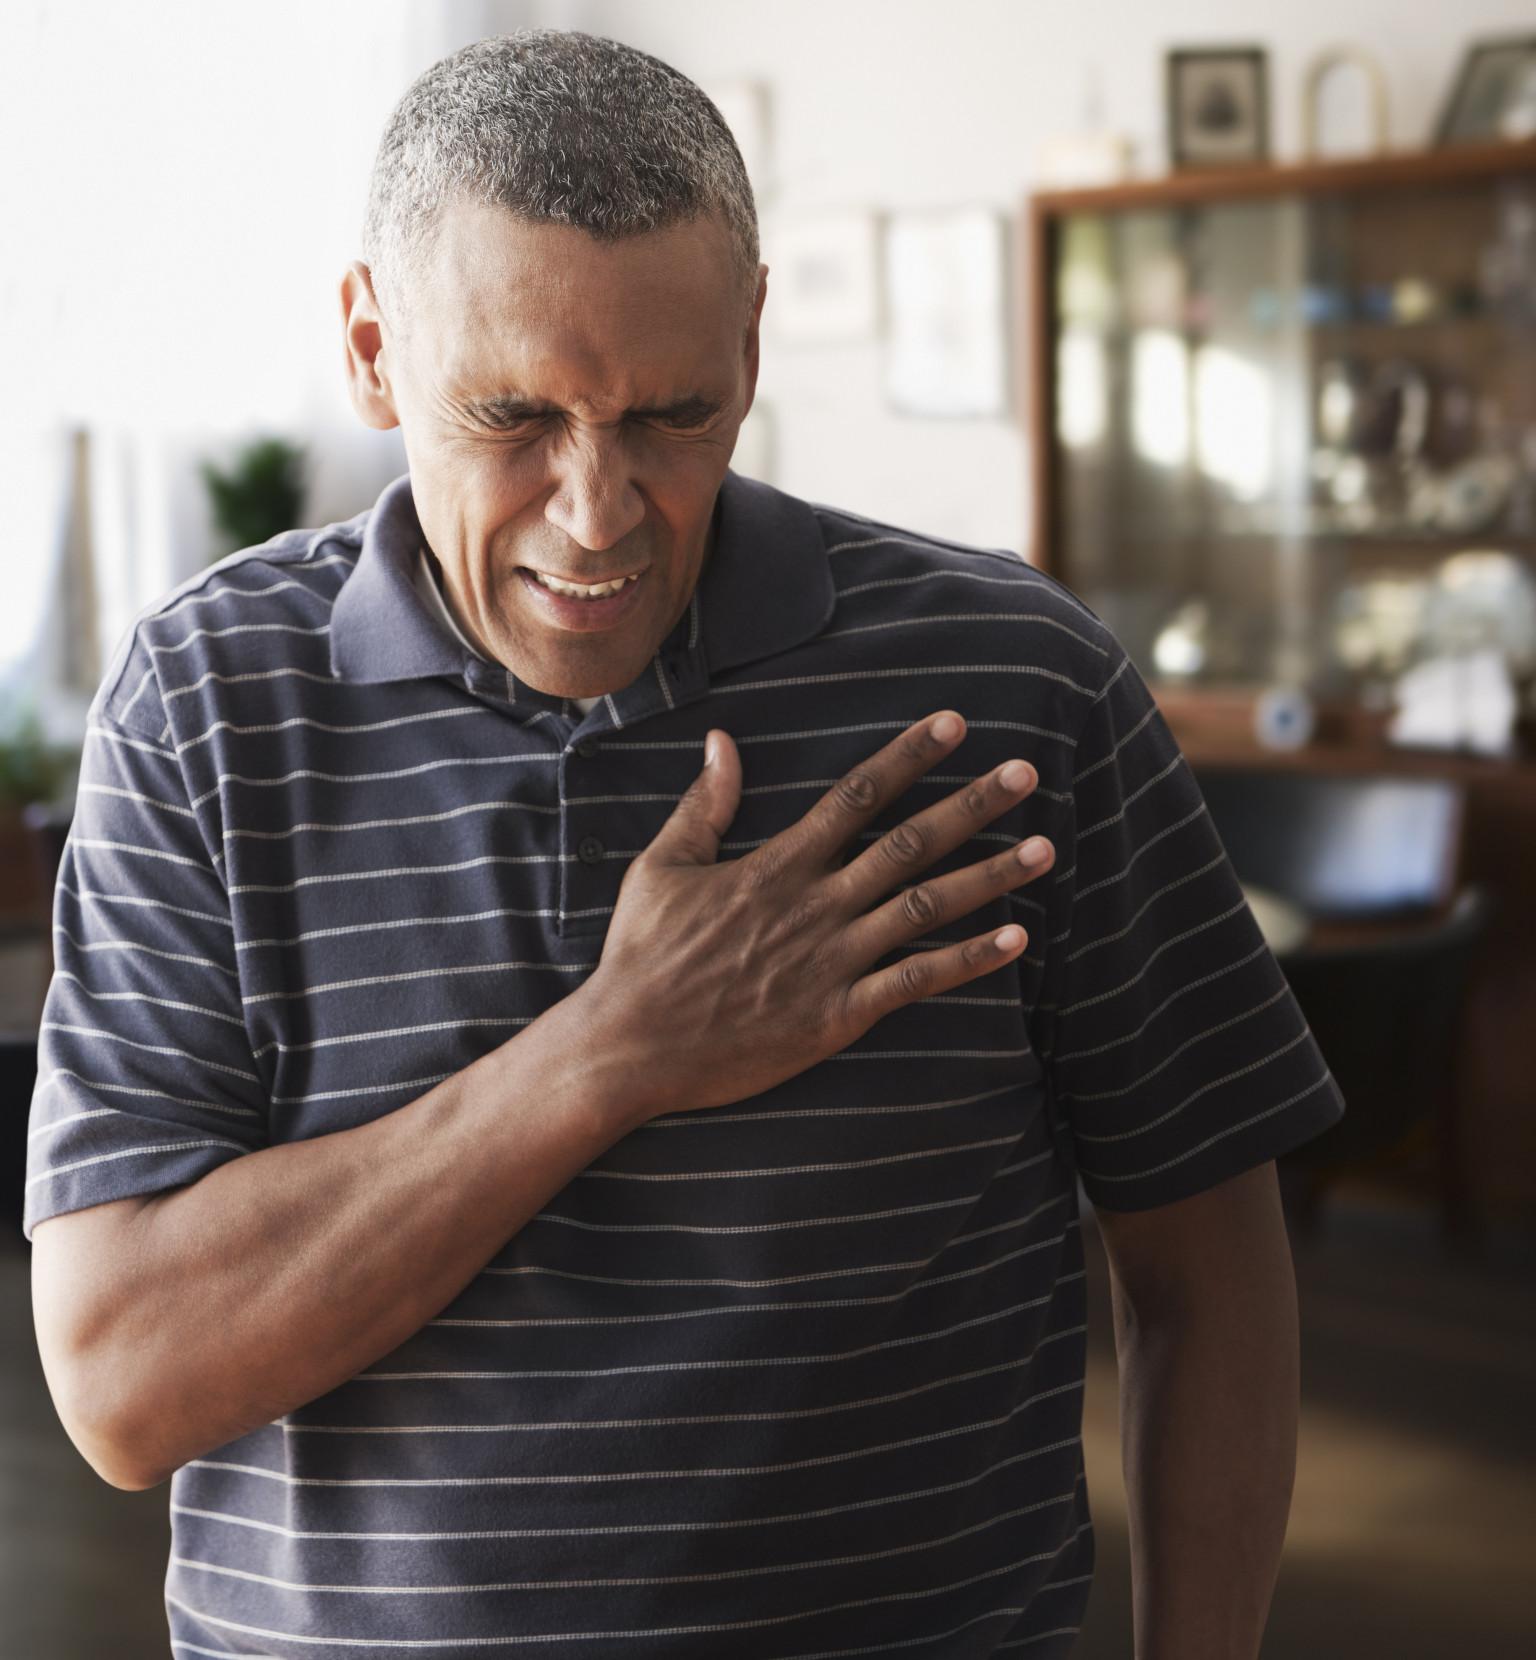 صورة علاج مرض القلب , كيفية التخلص من امراض القلب